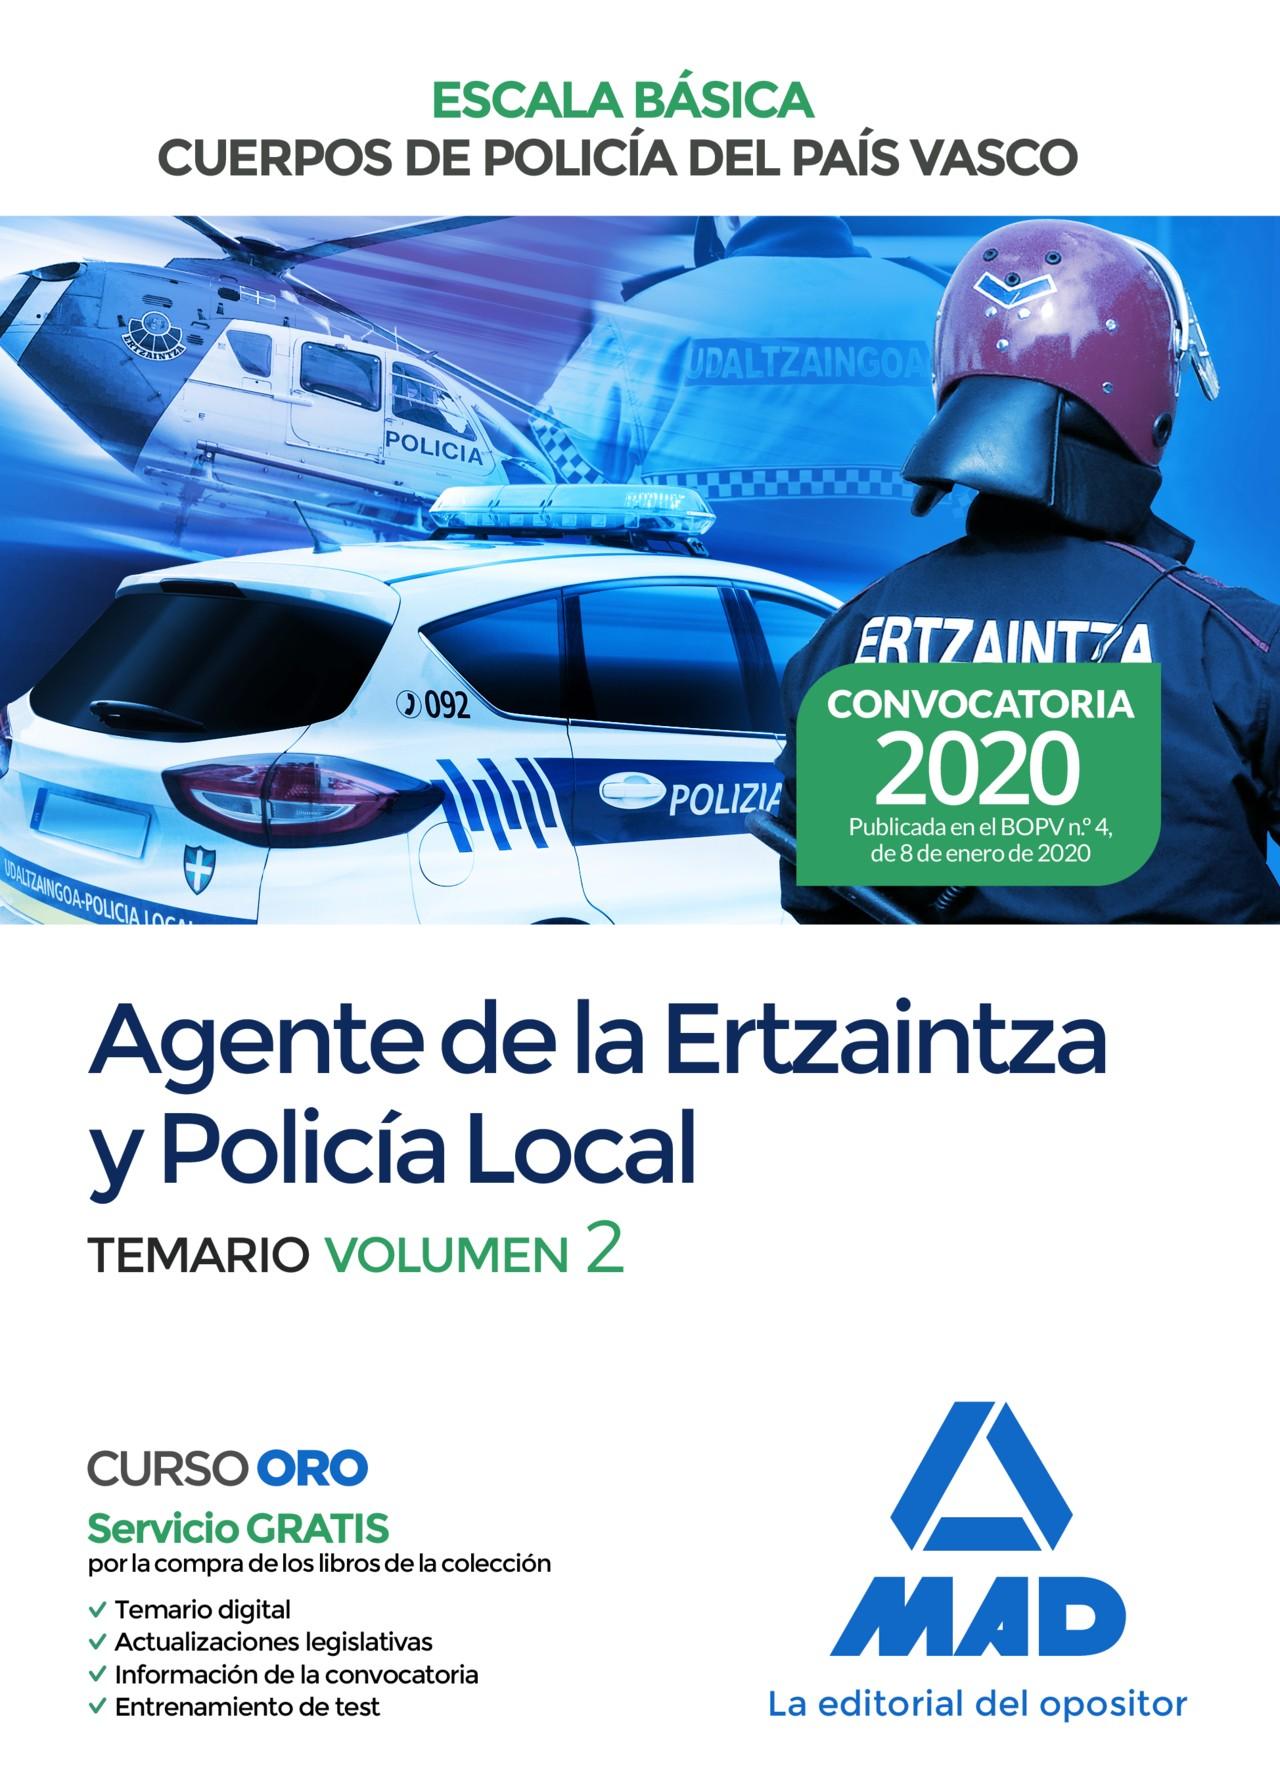 Agente de la Escala Básica de los Cuerpos de Policía del País Vasco (Ertzaintza y Policía Local)